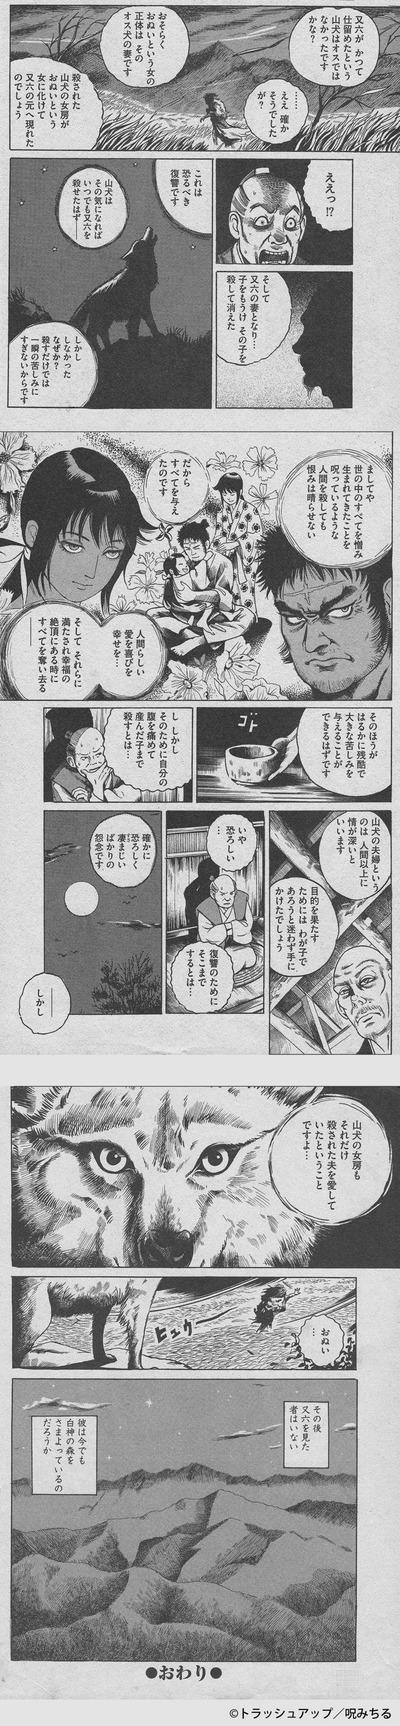 sumiyaki-mataroku05